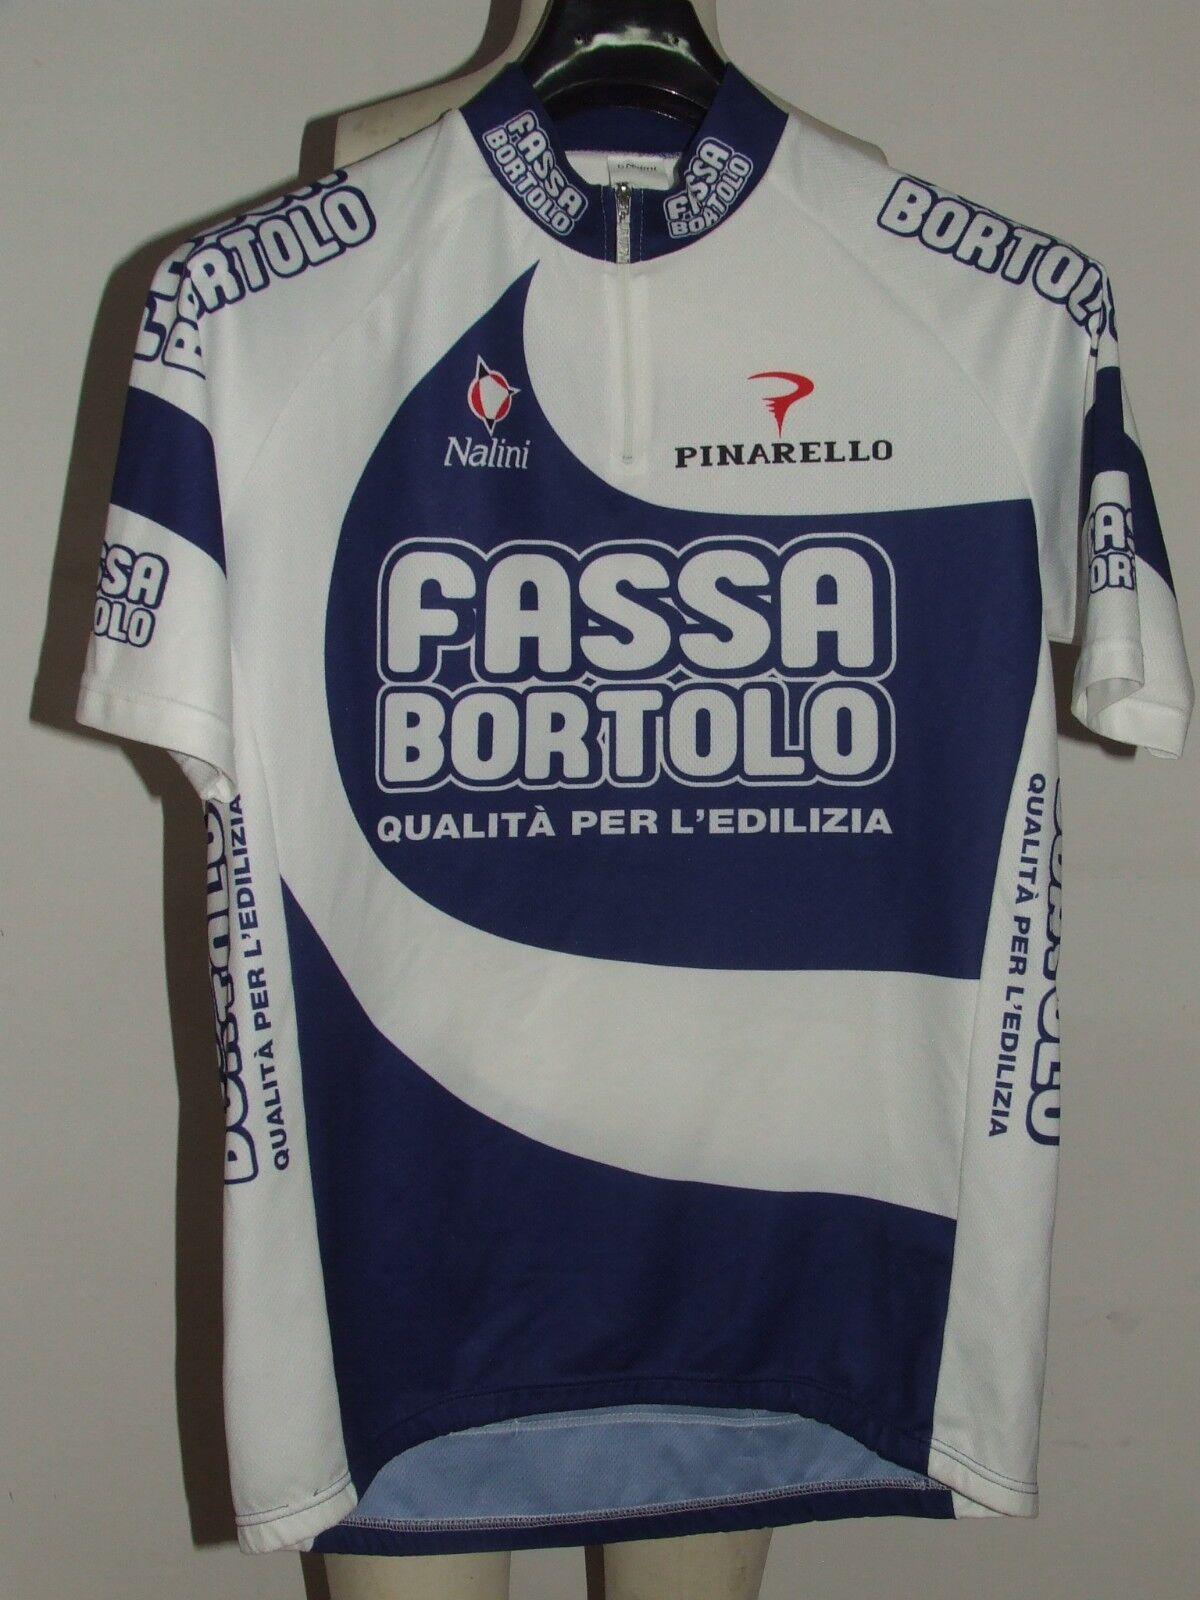 BIKE CYCLING JERSEY SHIRT MAILLOT CYCLISM TEAM FASSA BORTOLO NALINI size XL